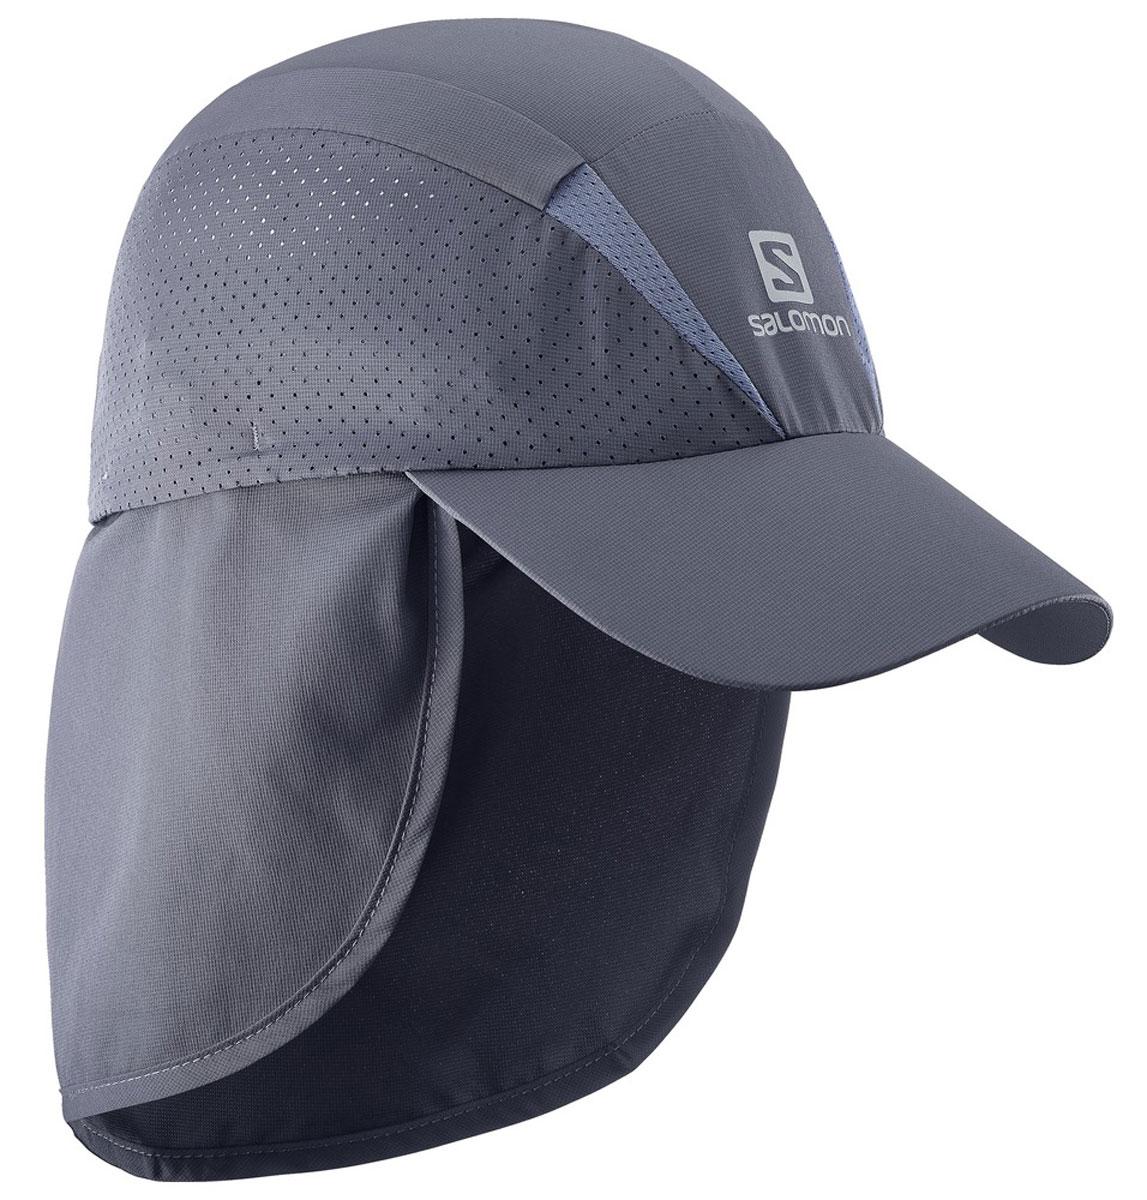 КепкаL39304100Новый лаконичный силуэт, низкий вес и хорошая вентиляция: кепка XA Cap быстро сохнет, сохраняя чувство свежести и комфорта во время беге. Дополнительная защита шеи от прямых солнечных лучей.